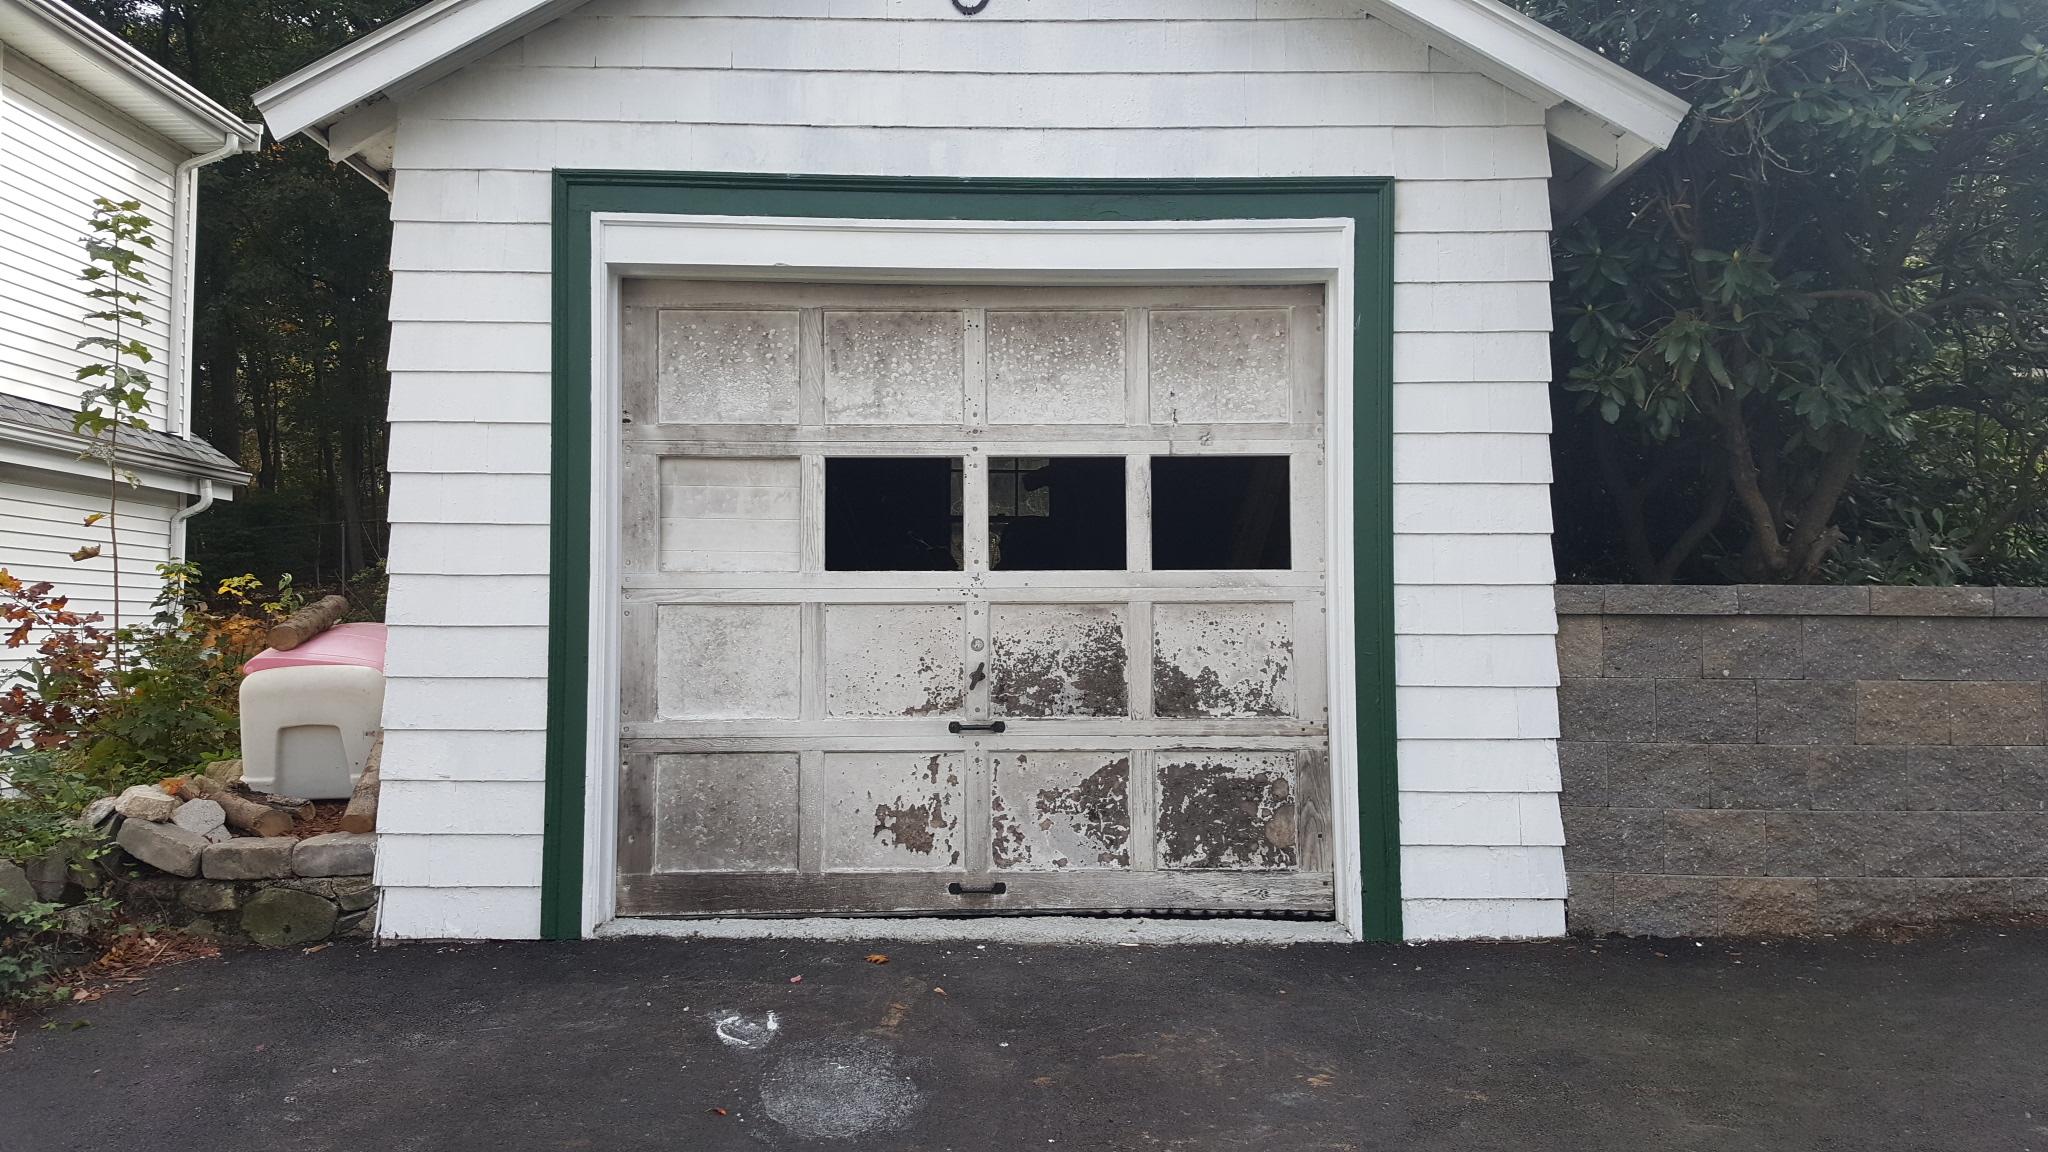 1152 #495B60 Mass Garage Doors Expert In Boston Massachusetts 02135 (888) 989  image Usa Garage Doors 36132048